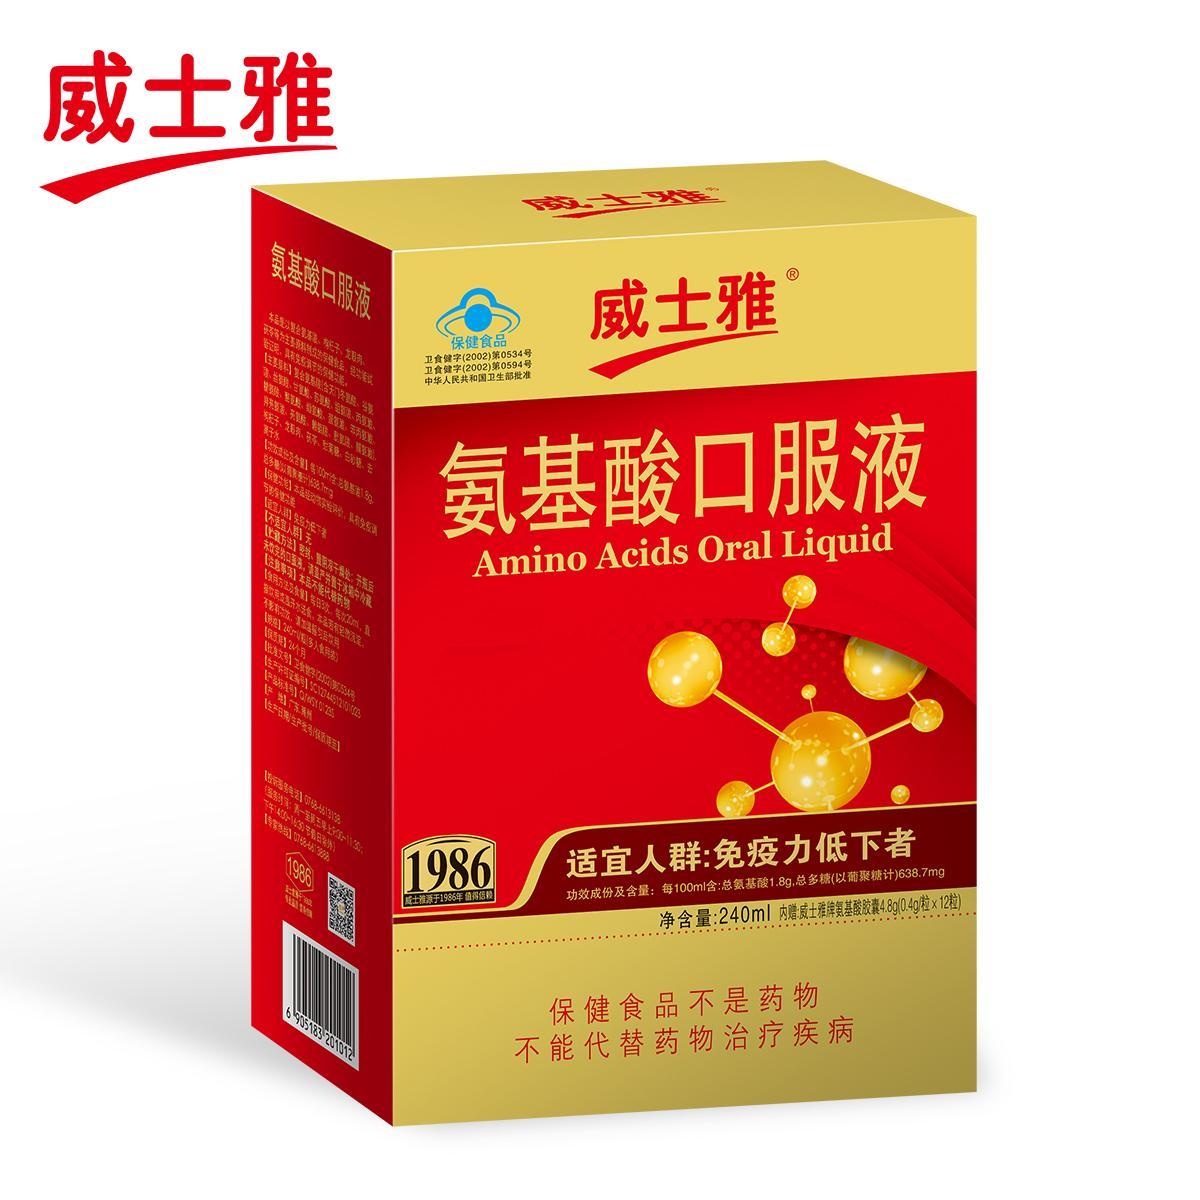 威士雅牌氨基酸口服液-保健食品OEM贴牌代加工